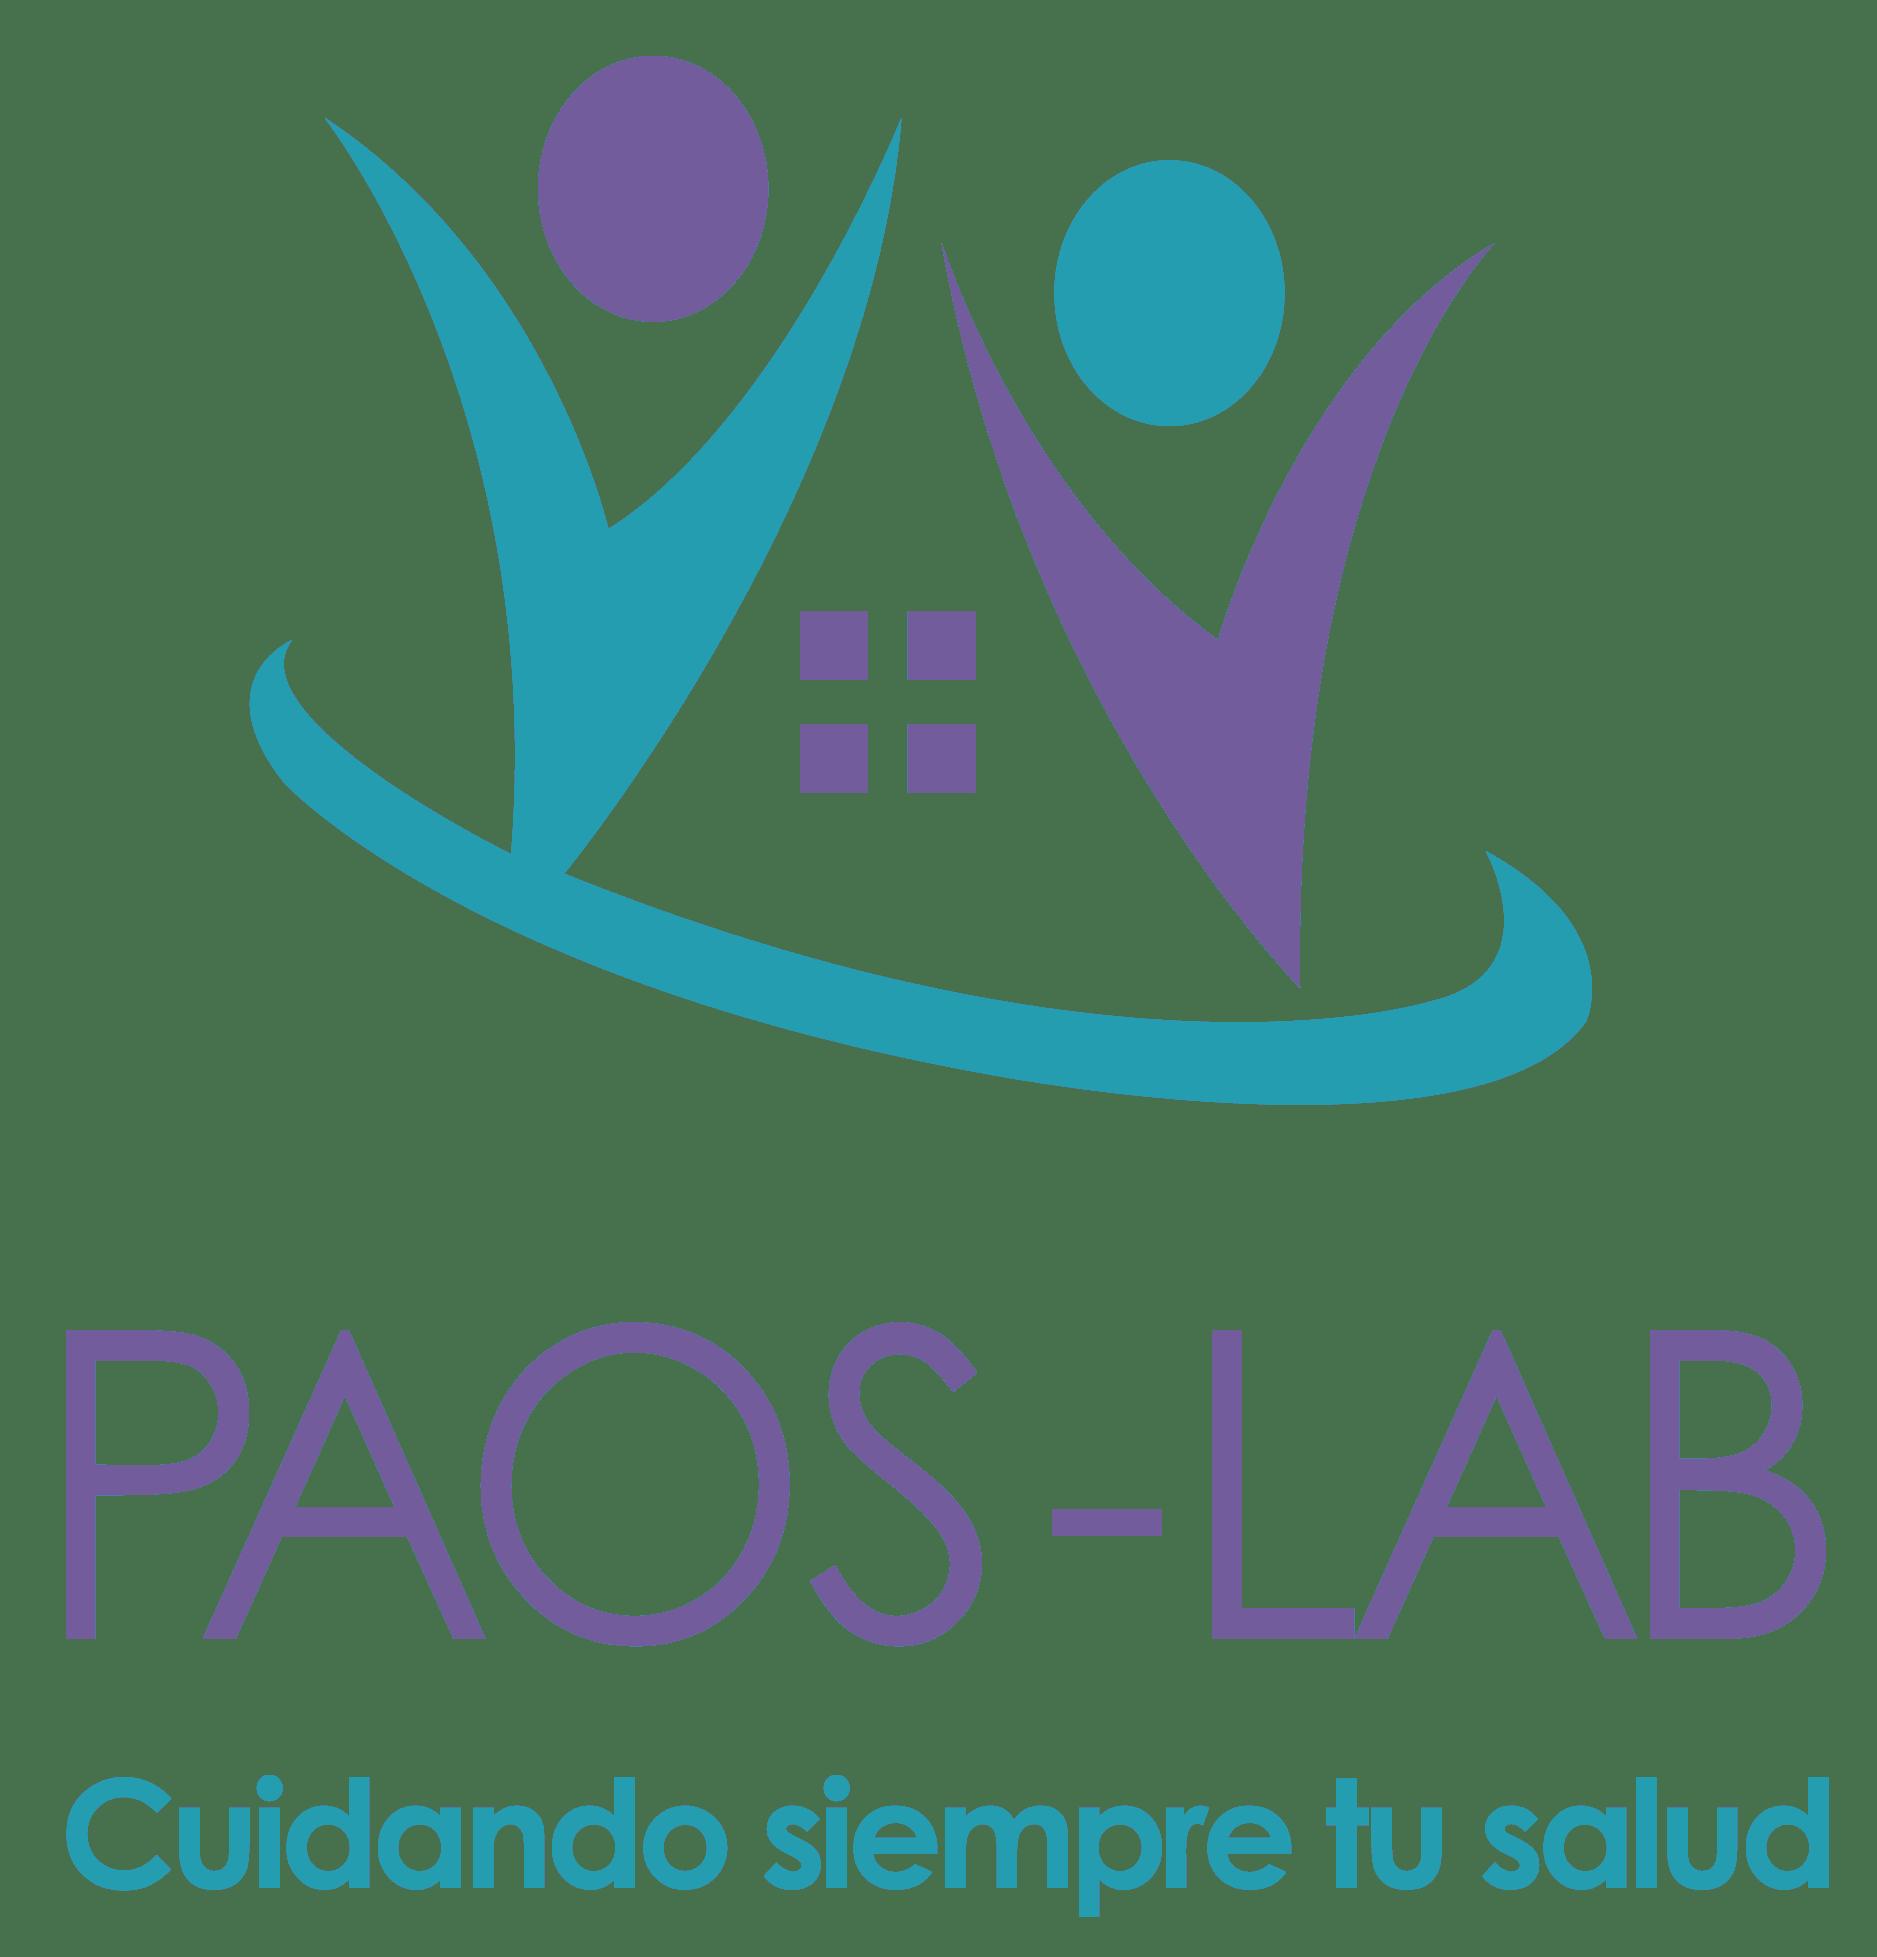 LABORATORIO DE ANÁLISIS CLÍNICOS PAOS LAB